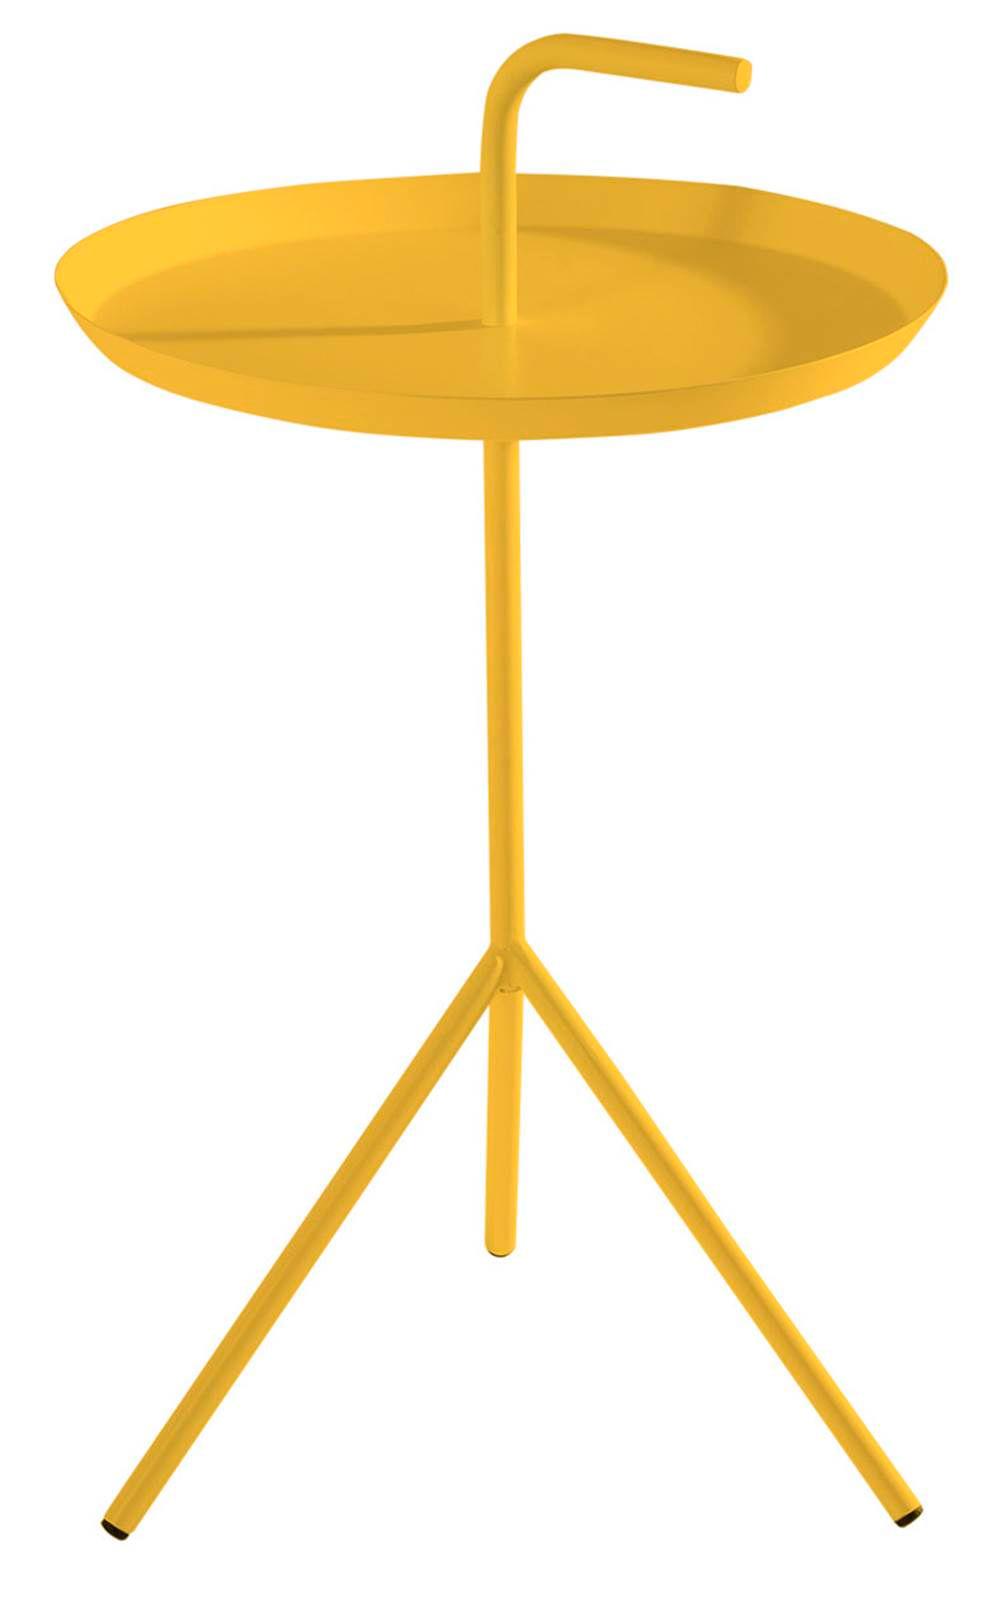 Mesa Apoio Handle Amarelo Aco 41 cm (LARG) - 41577